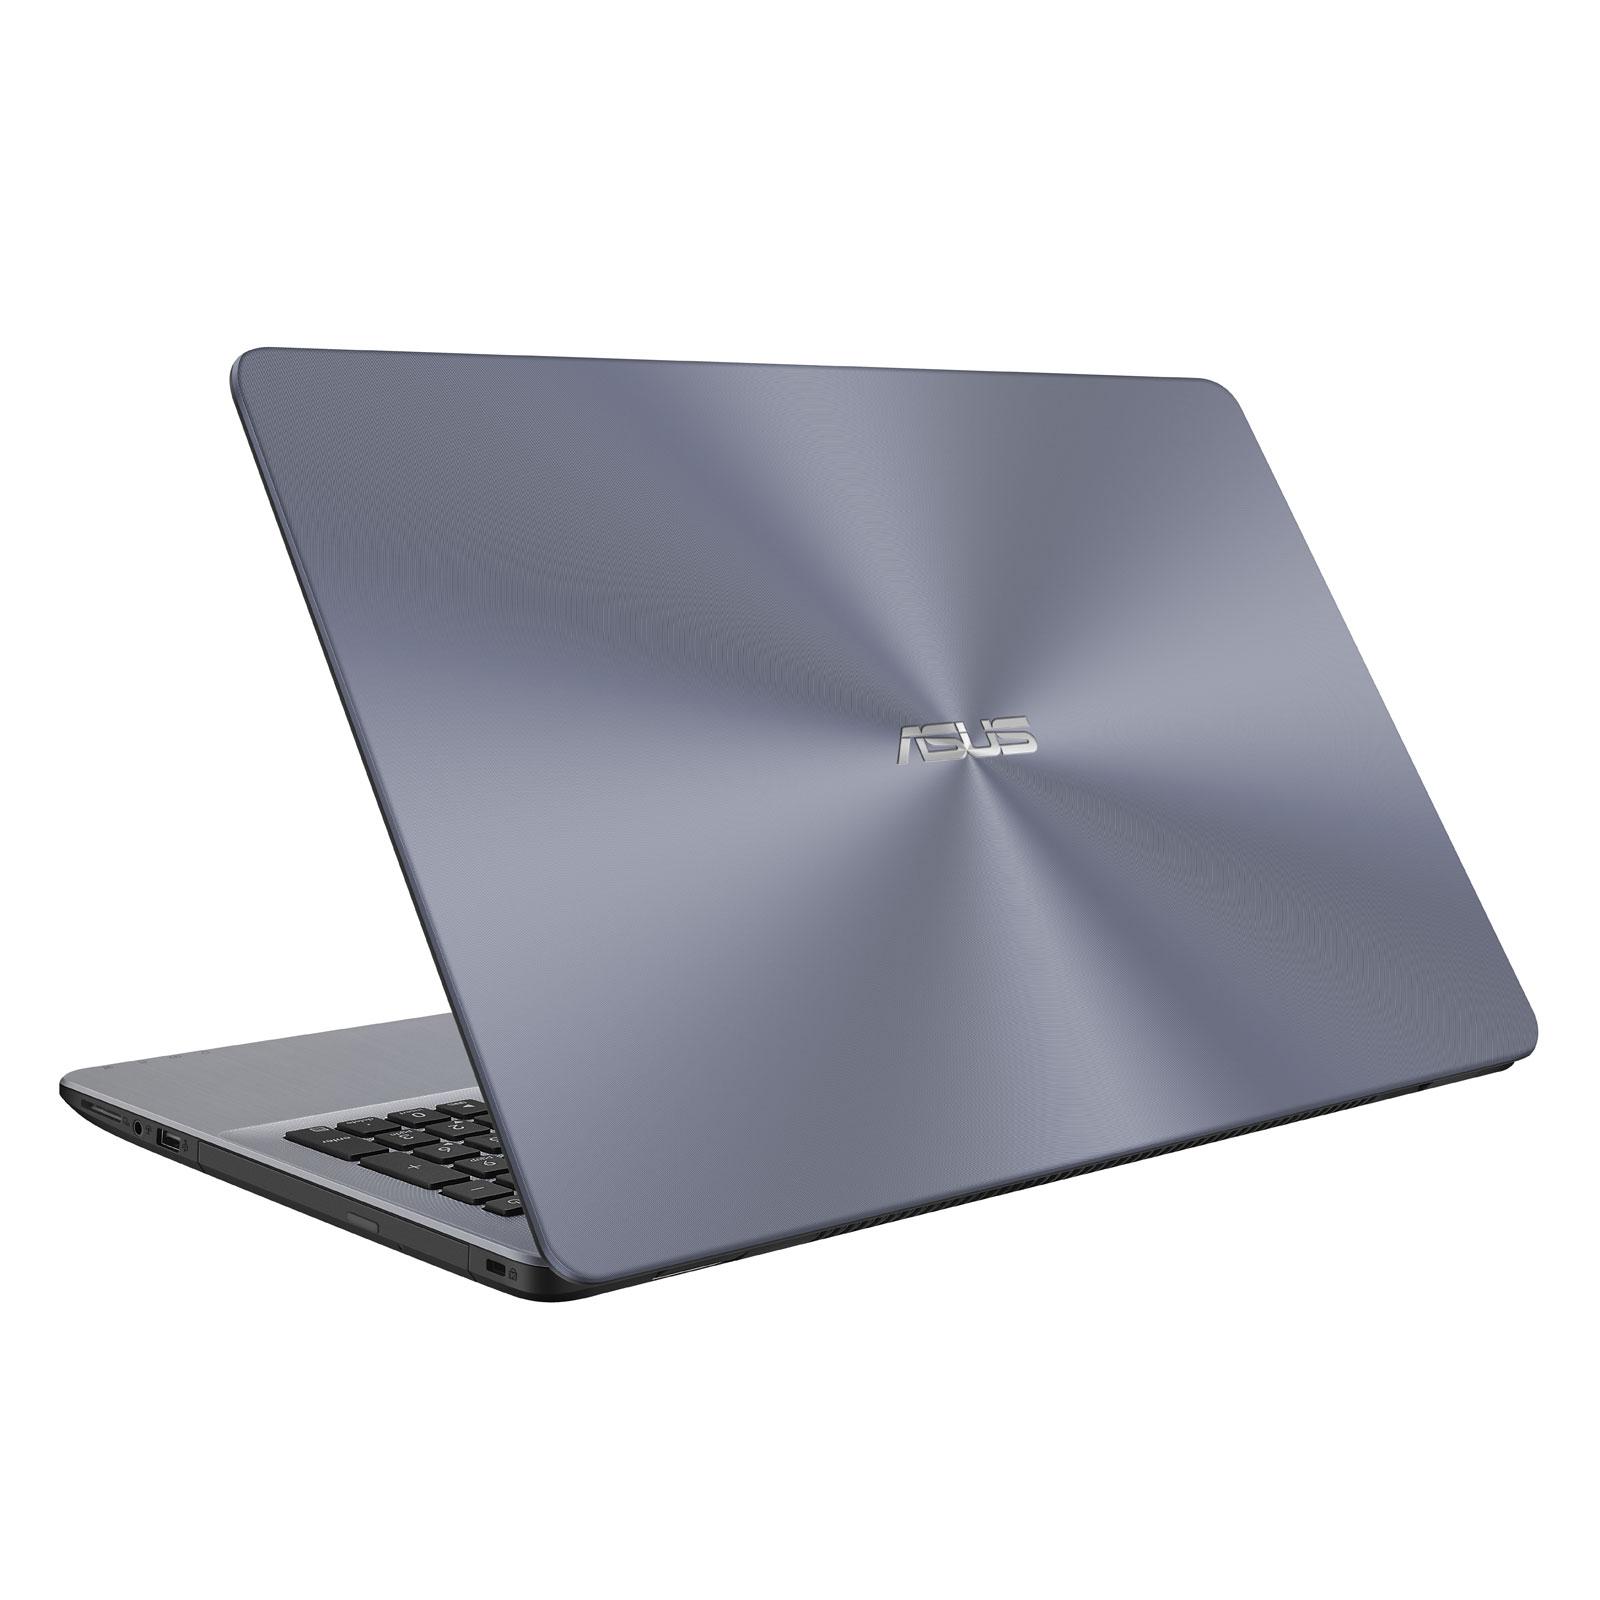 Asus 90NB0F22-M08100 - PC portable Asus - Cybertek.fr - 1